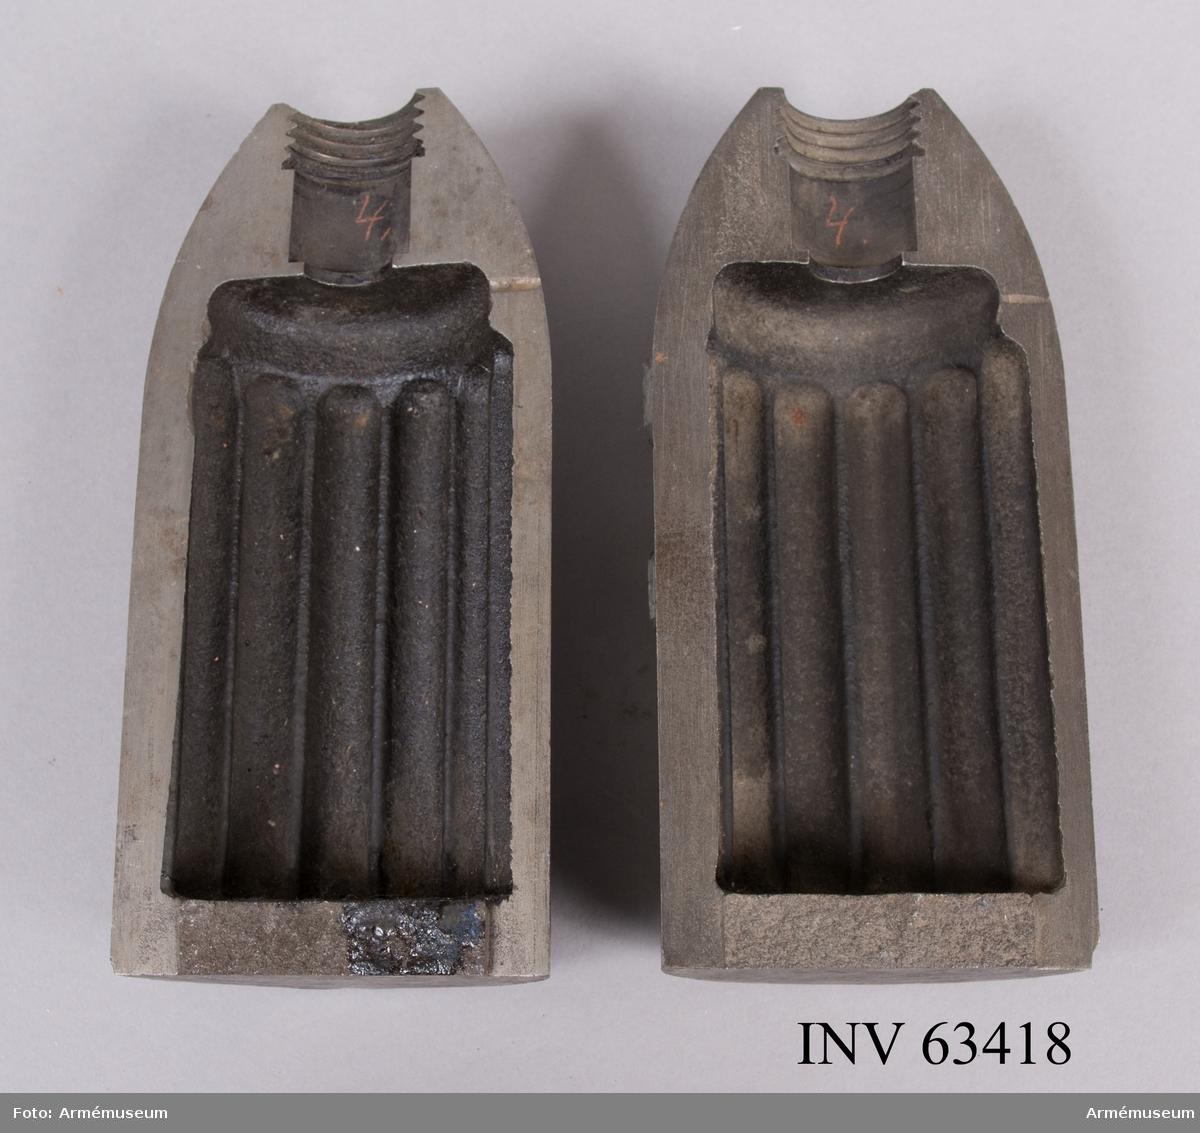 """Grupp F II. 9 cm granatkartesch i två halvor. För 177 stycken blykulor till 9 cm (3"""") försökskanon. Enligt ritning den 13/4 1876. 1875-76 års skjutförsök."""